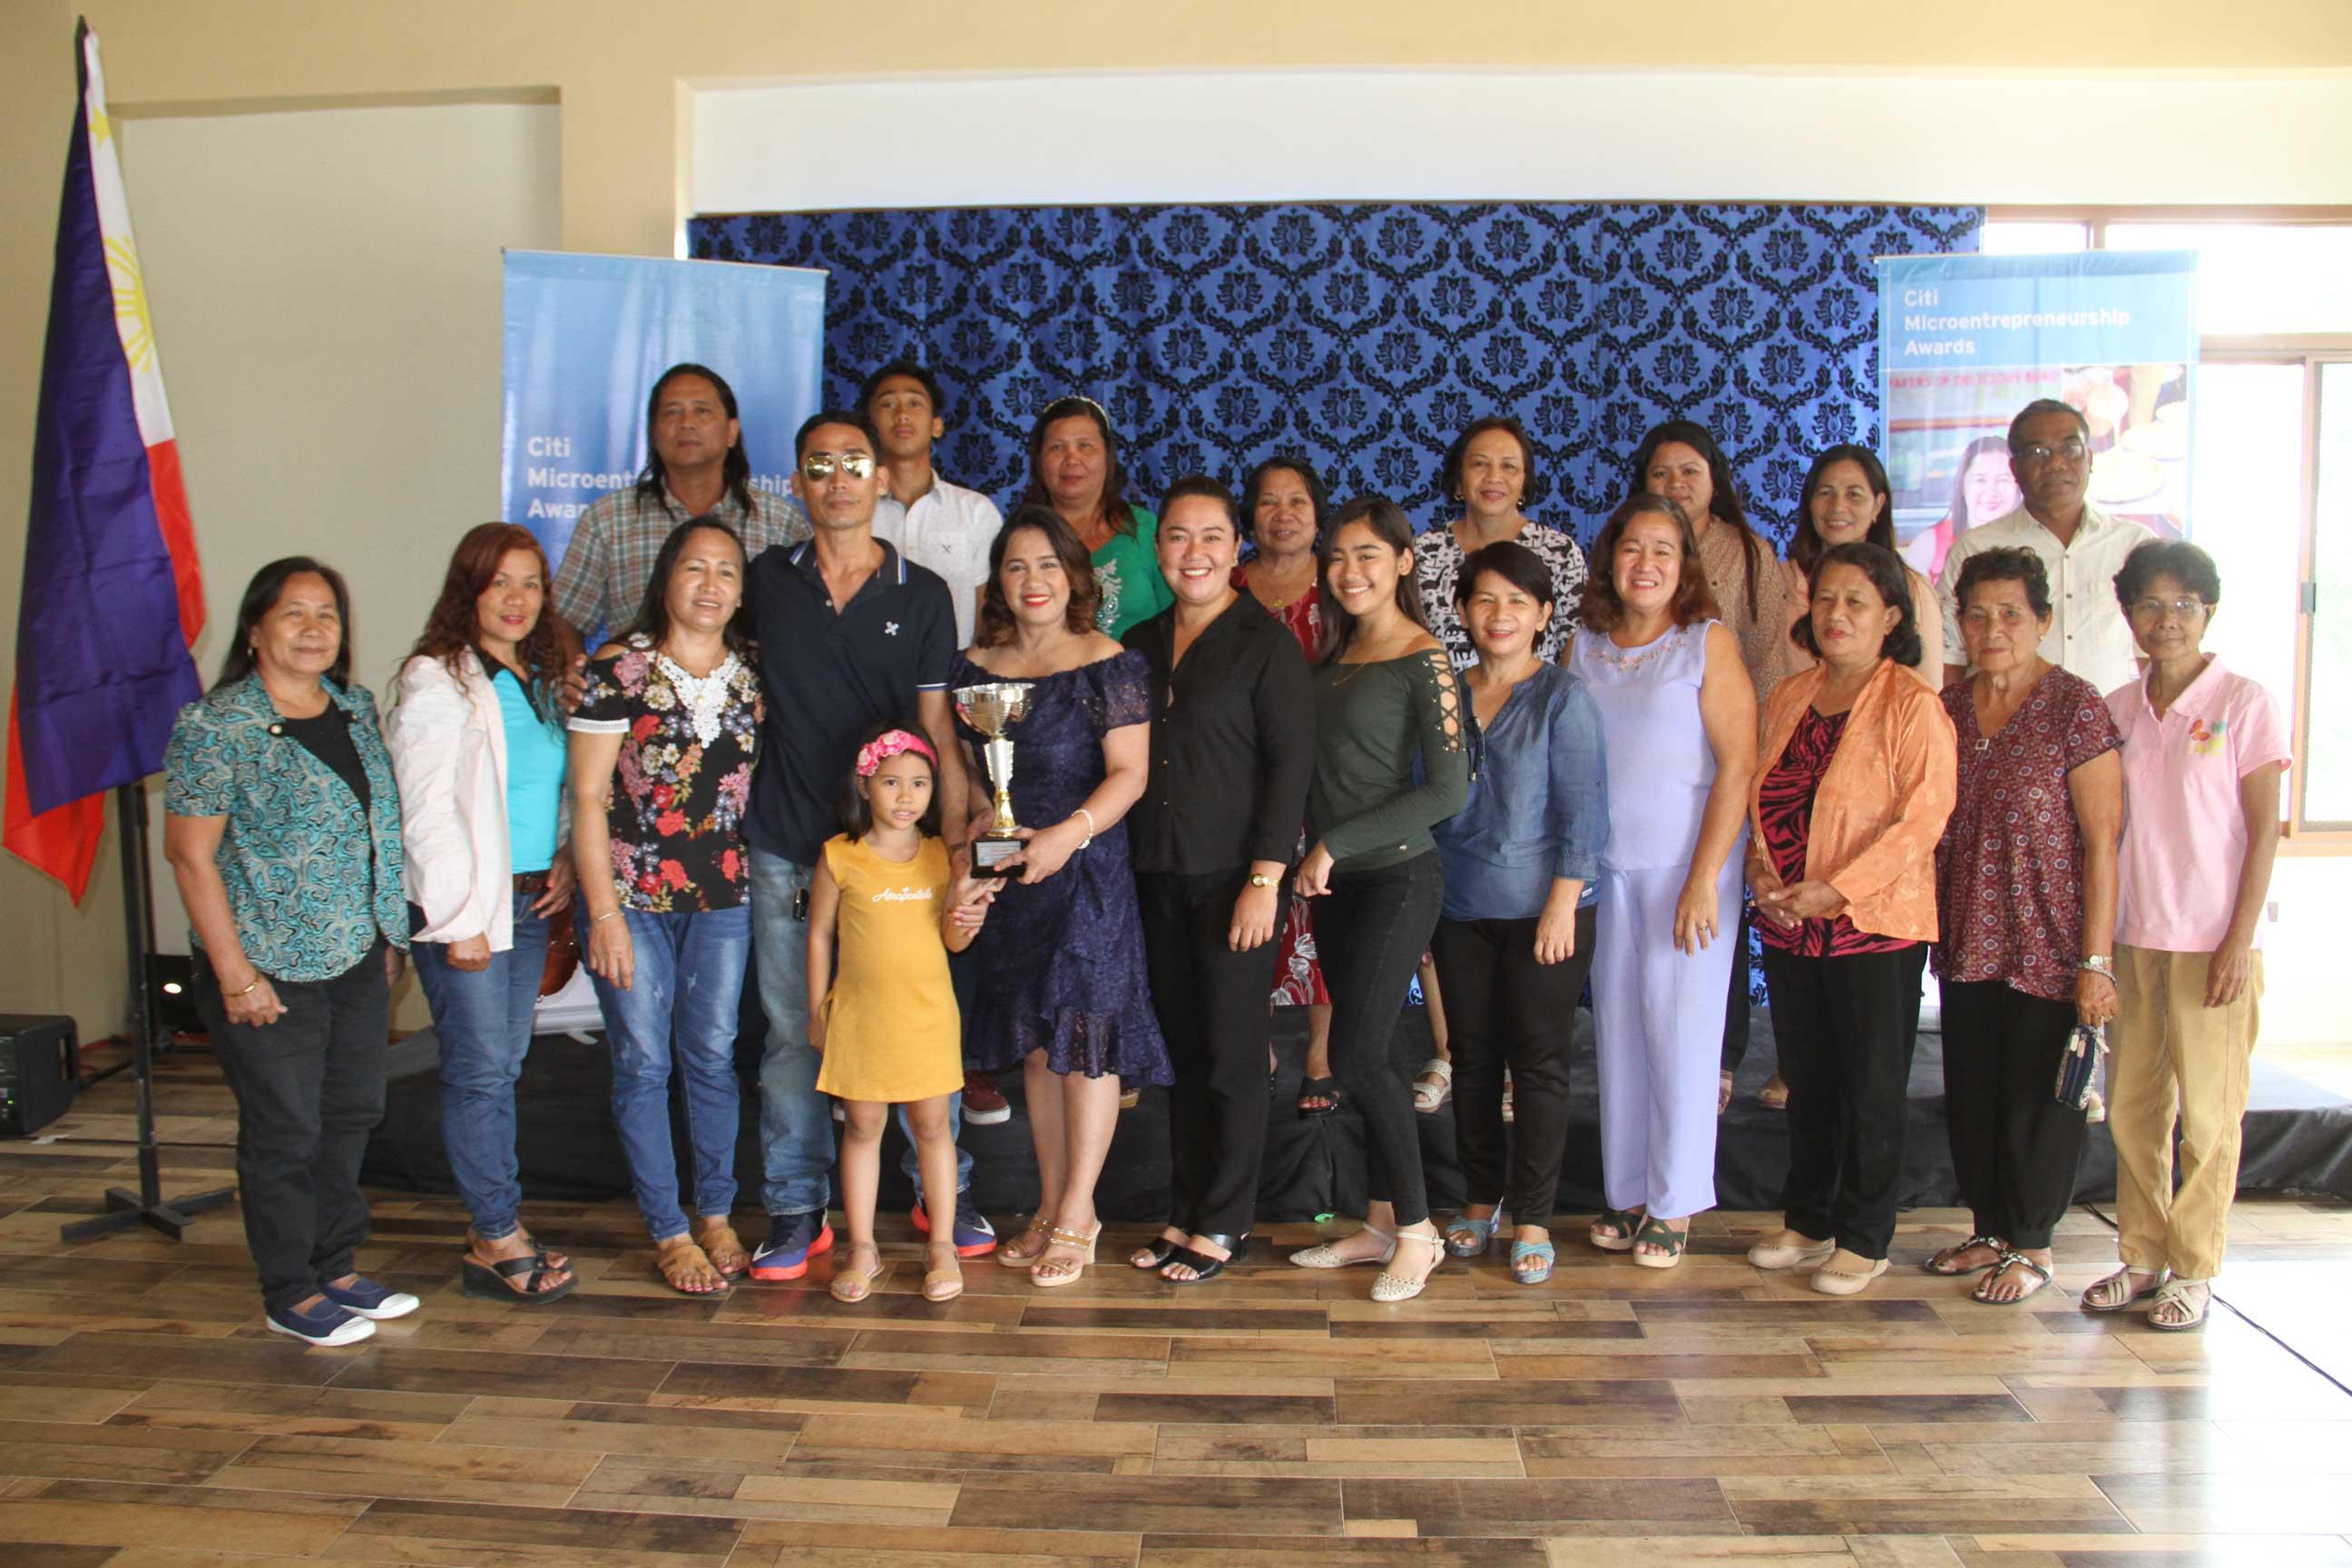 Ivy Millare's CMA Win Celebrated In Koronadal